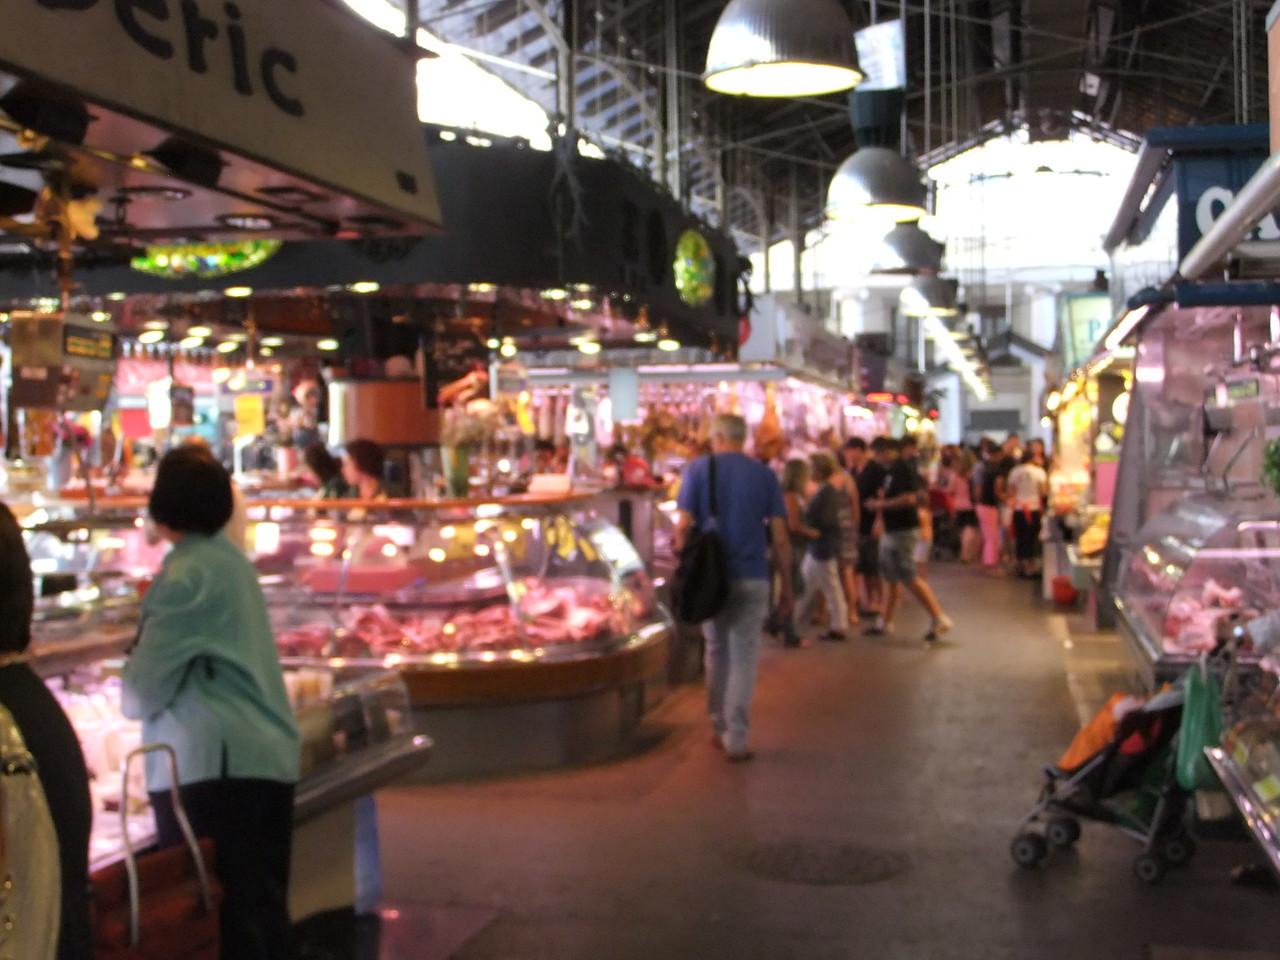 Mercado la Boqueria on La Rambla